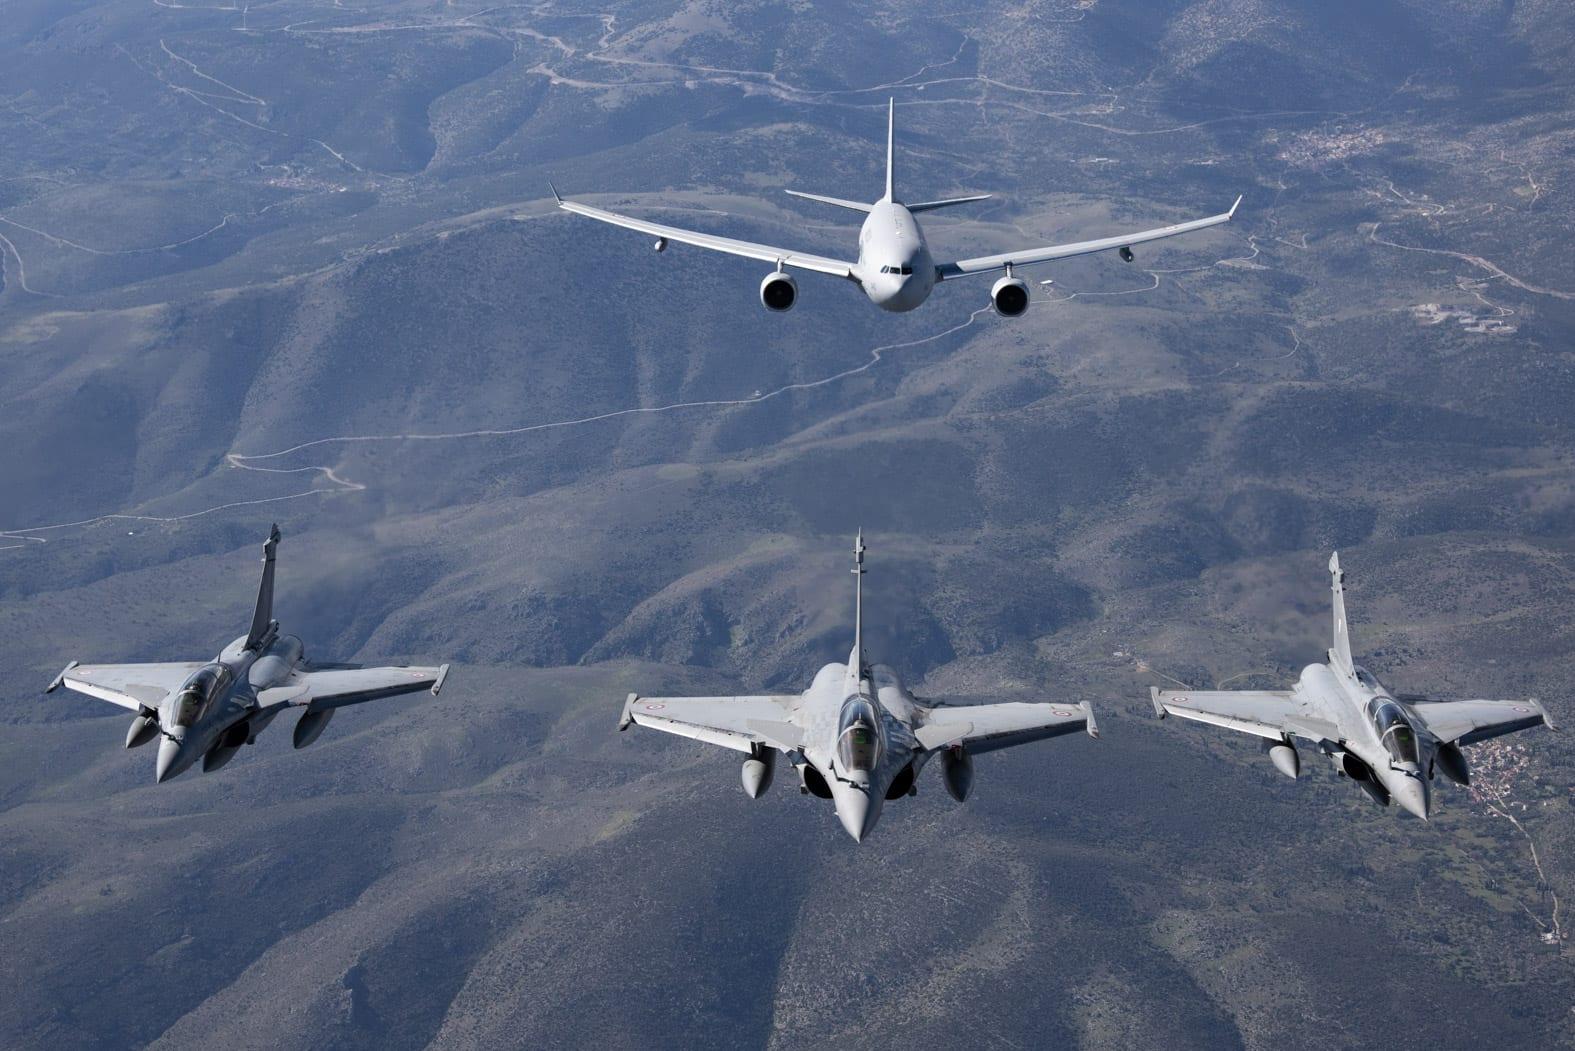 Τέσσερις Έλληνες πιλότοι εκπαιδεύονται στα Dassault Rafale